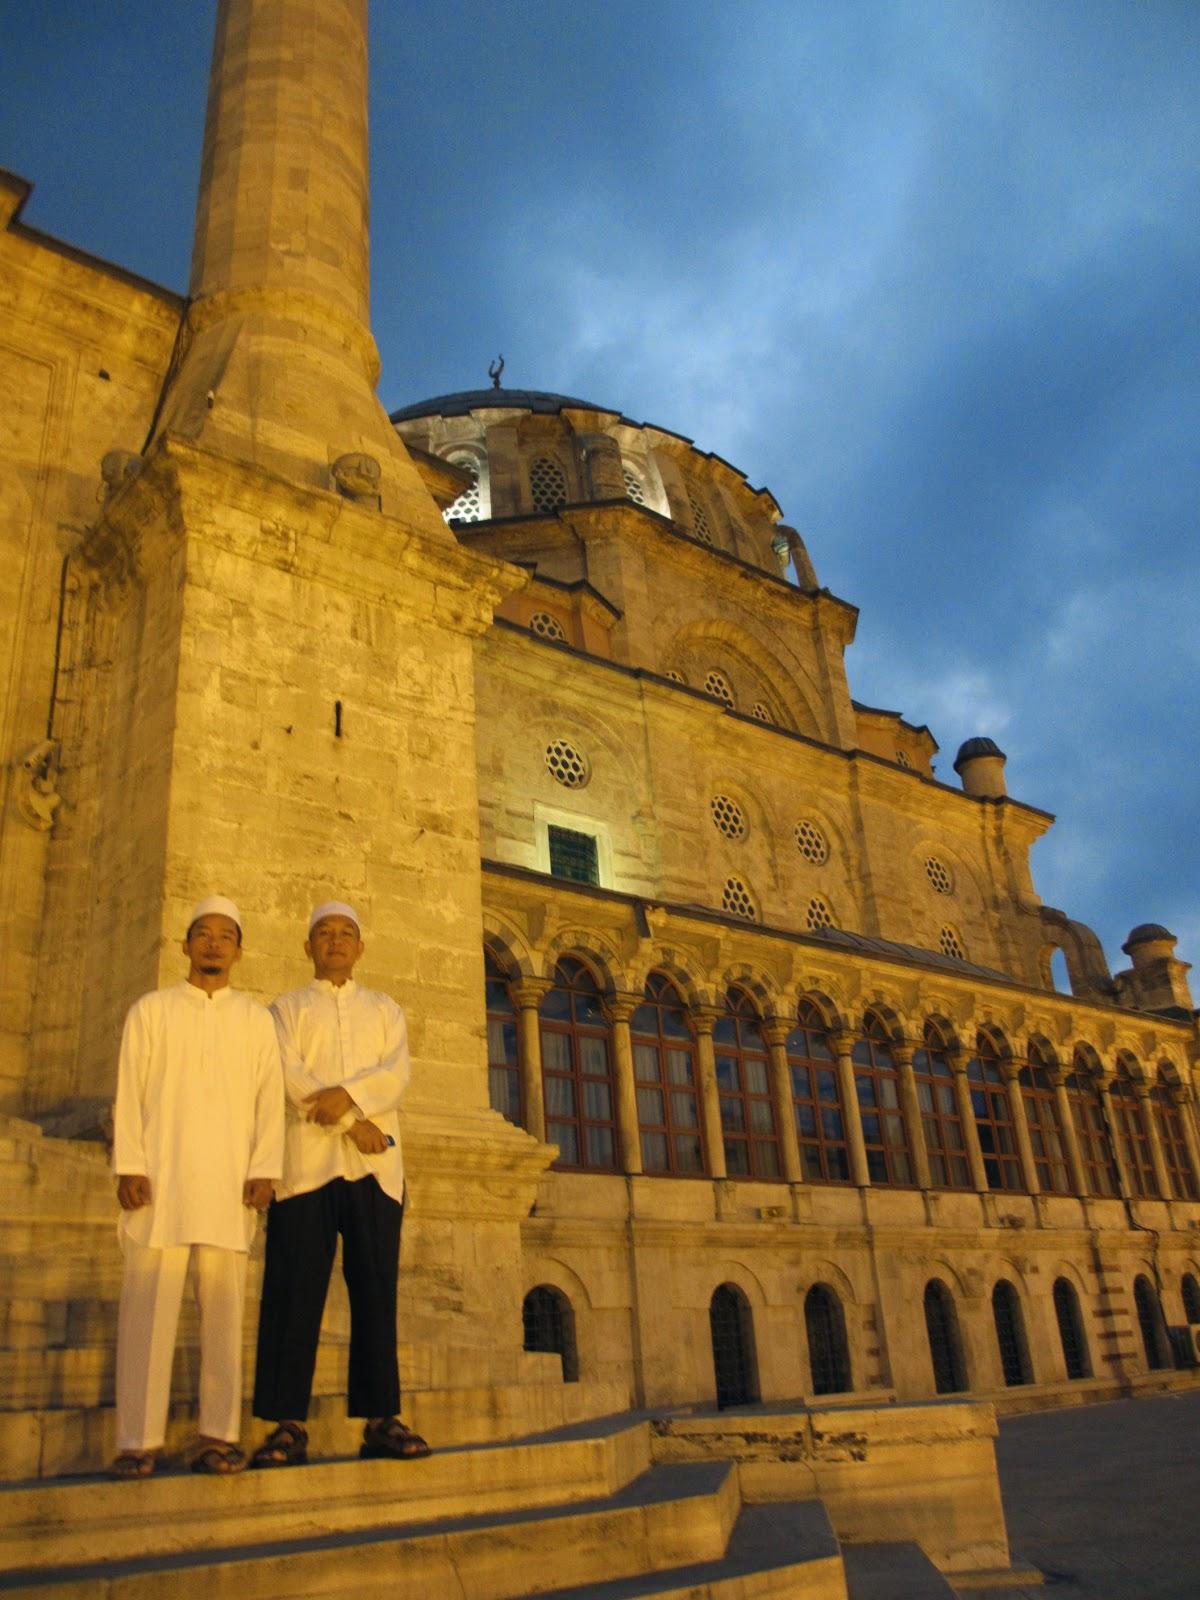 Travel Umroh Zam Zam Tower Terbaik Bagus dan Terpercaya